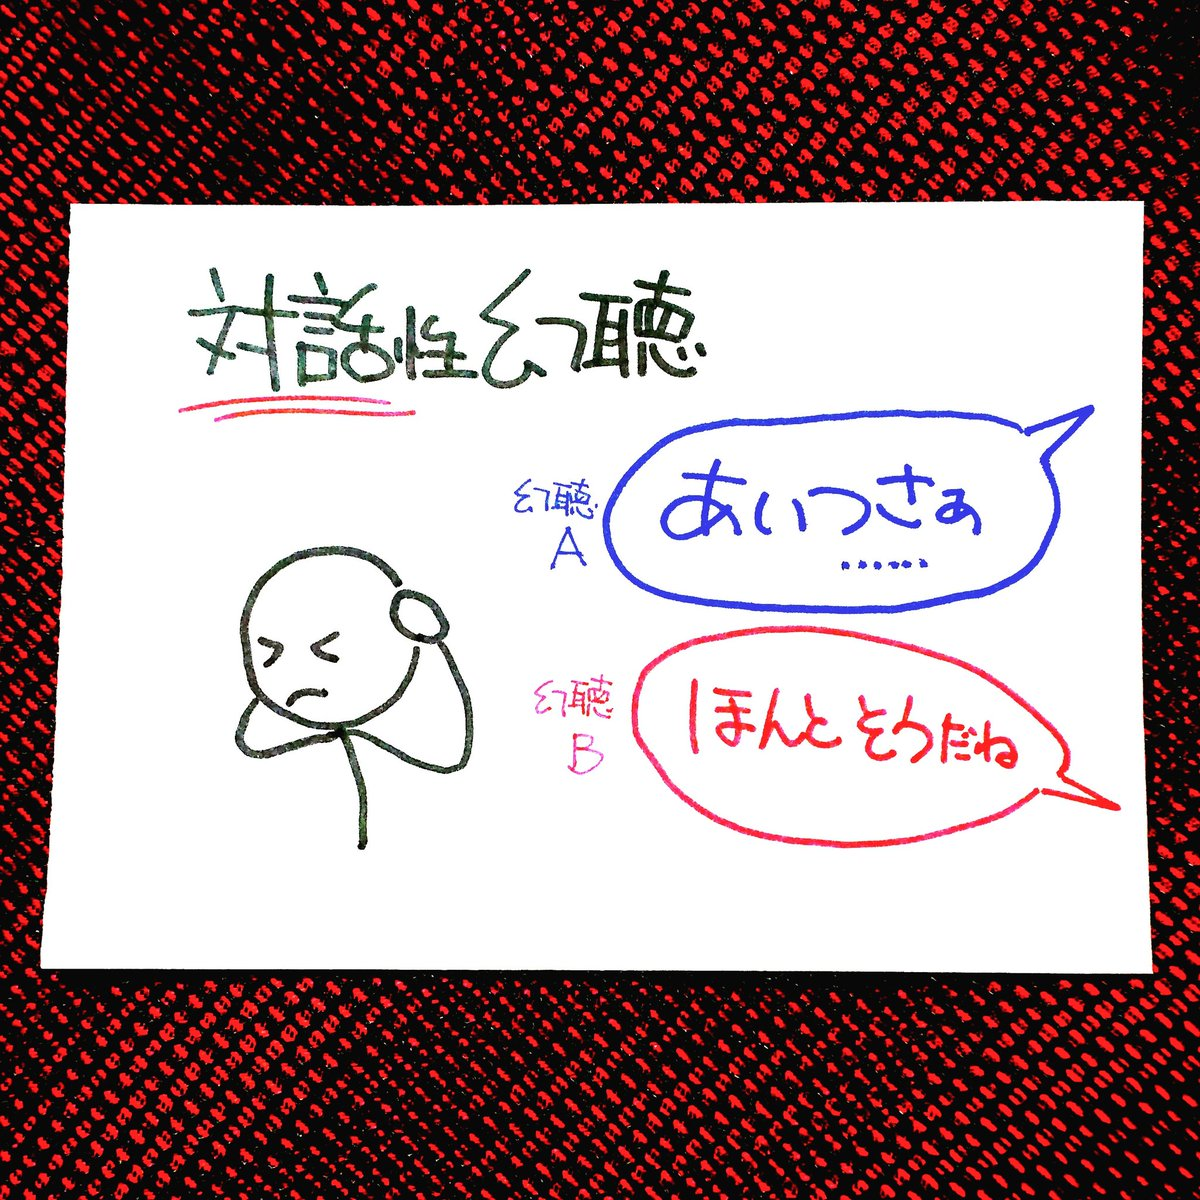 """精神科医 ぷしこノート on Twitter: """"「対話性幻聴」は、幻聴Aと幻聴B ..."""